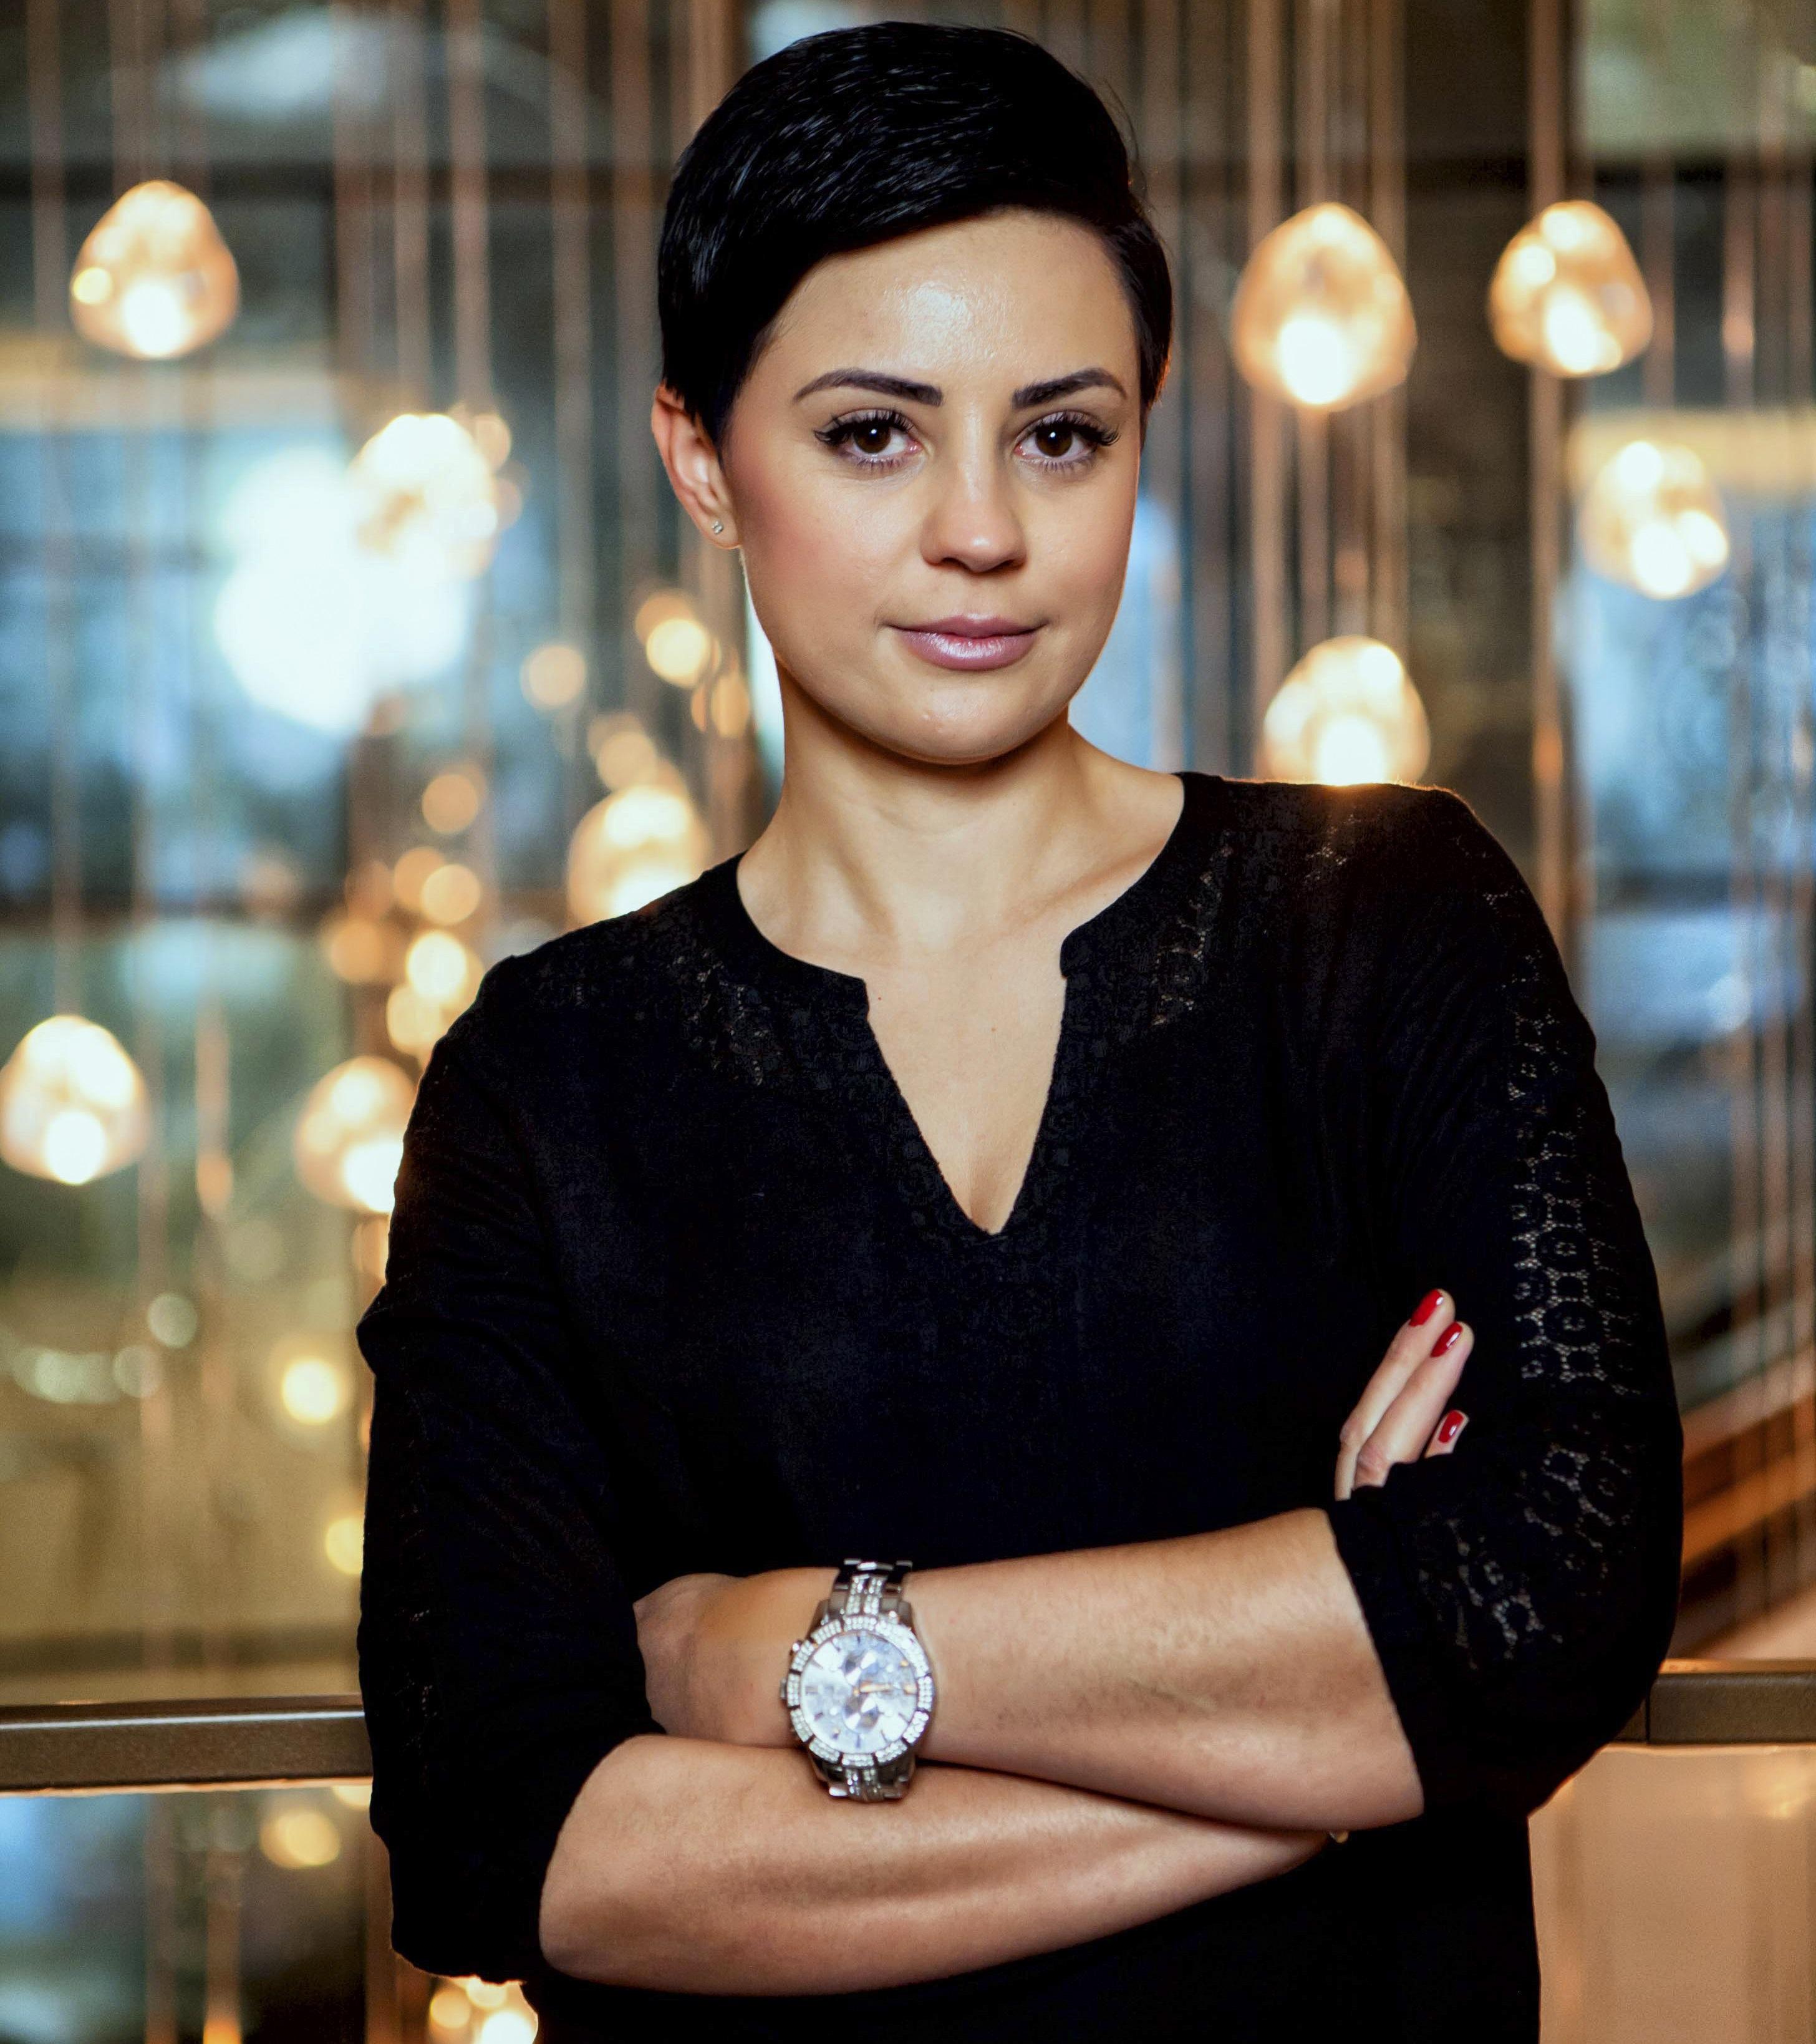 Ksenija Karabegovic